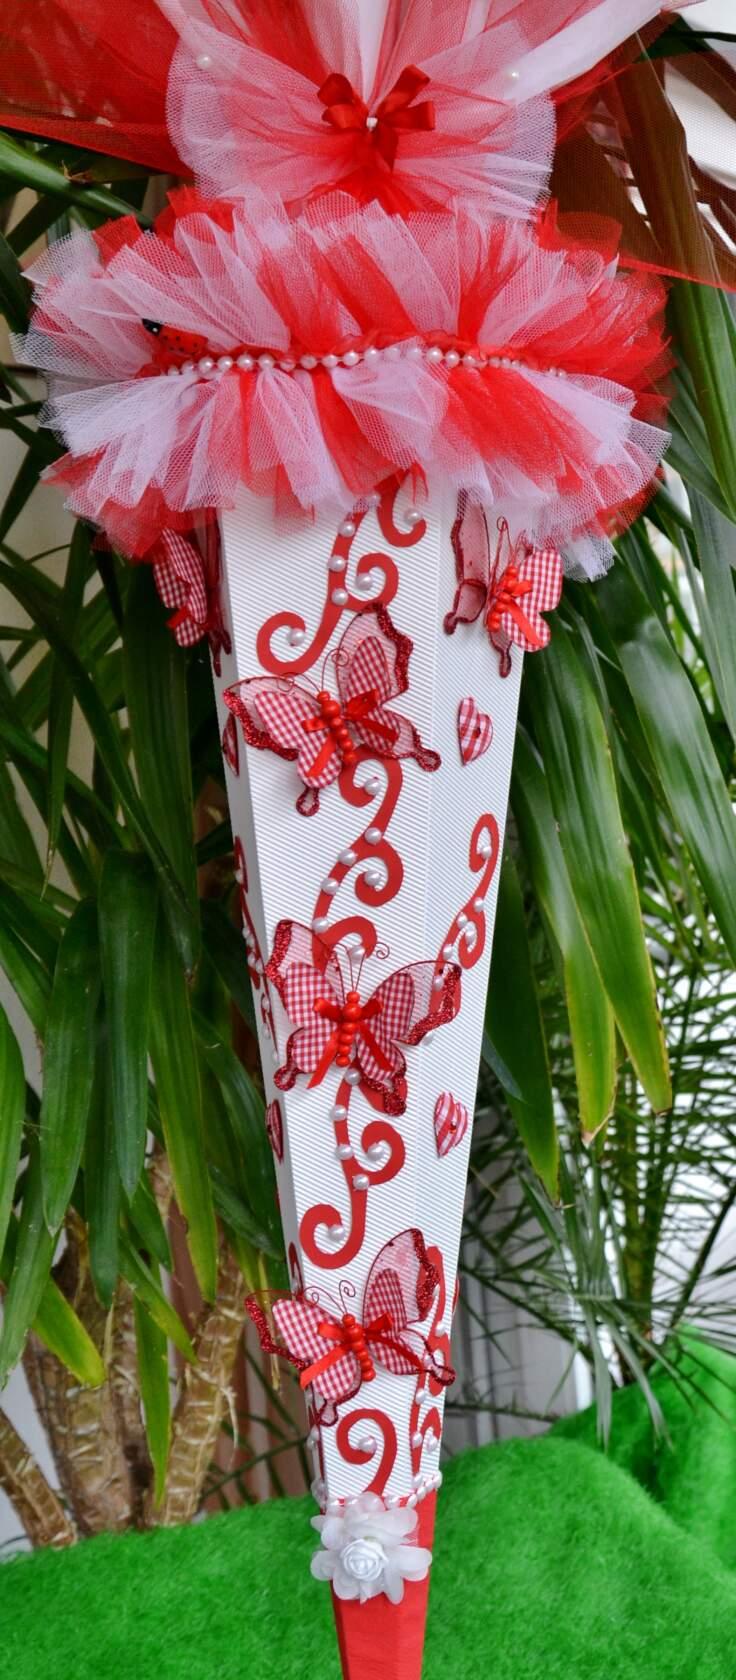 -  120 cm Schultüte Schmetterling   Zuckertüte Blumen  für Mädchen rot weiß -  120 cm Schultüte Schmetterling   Zuckertüte Blumen  für Mädchen rot weiß